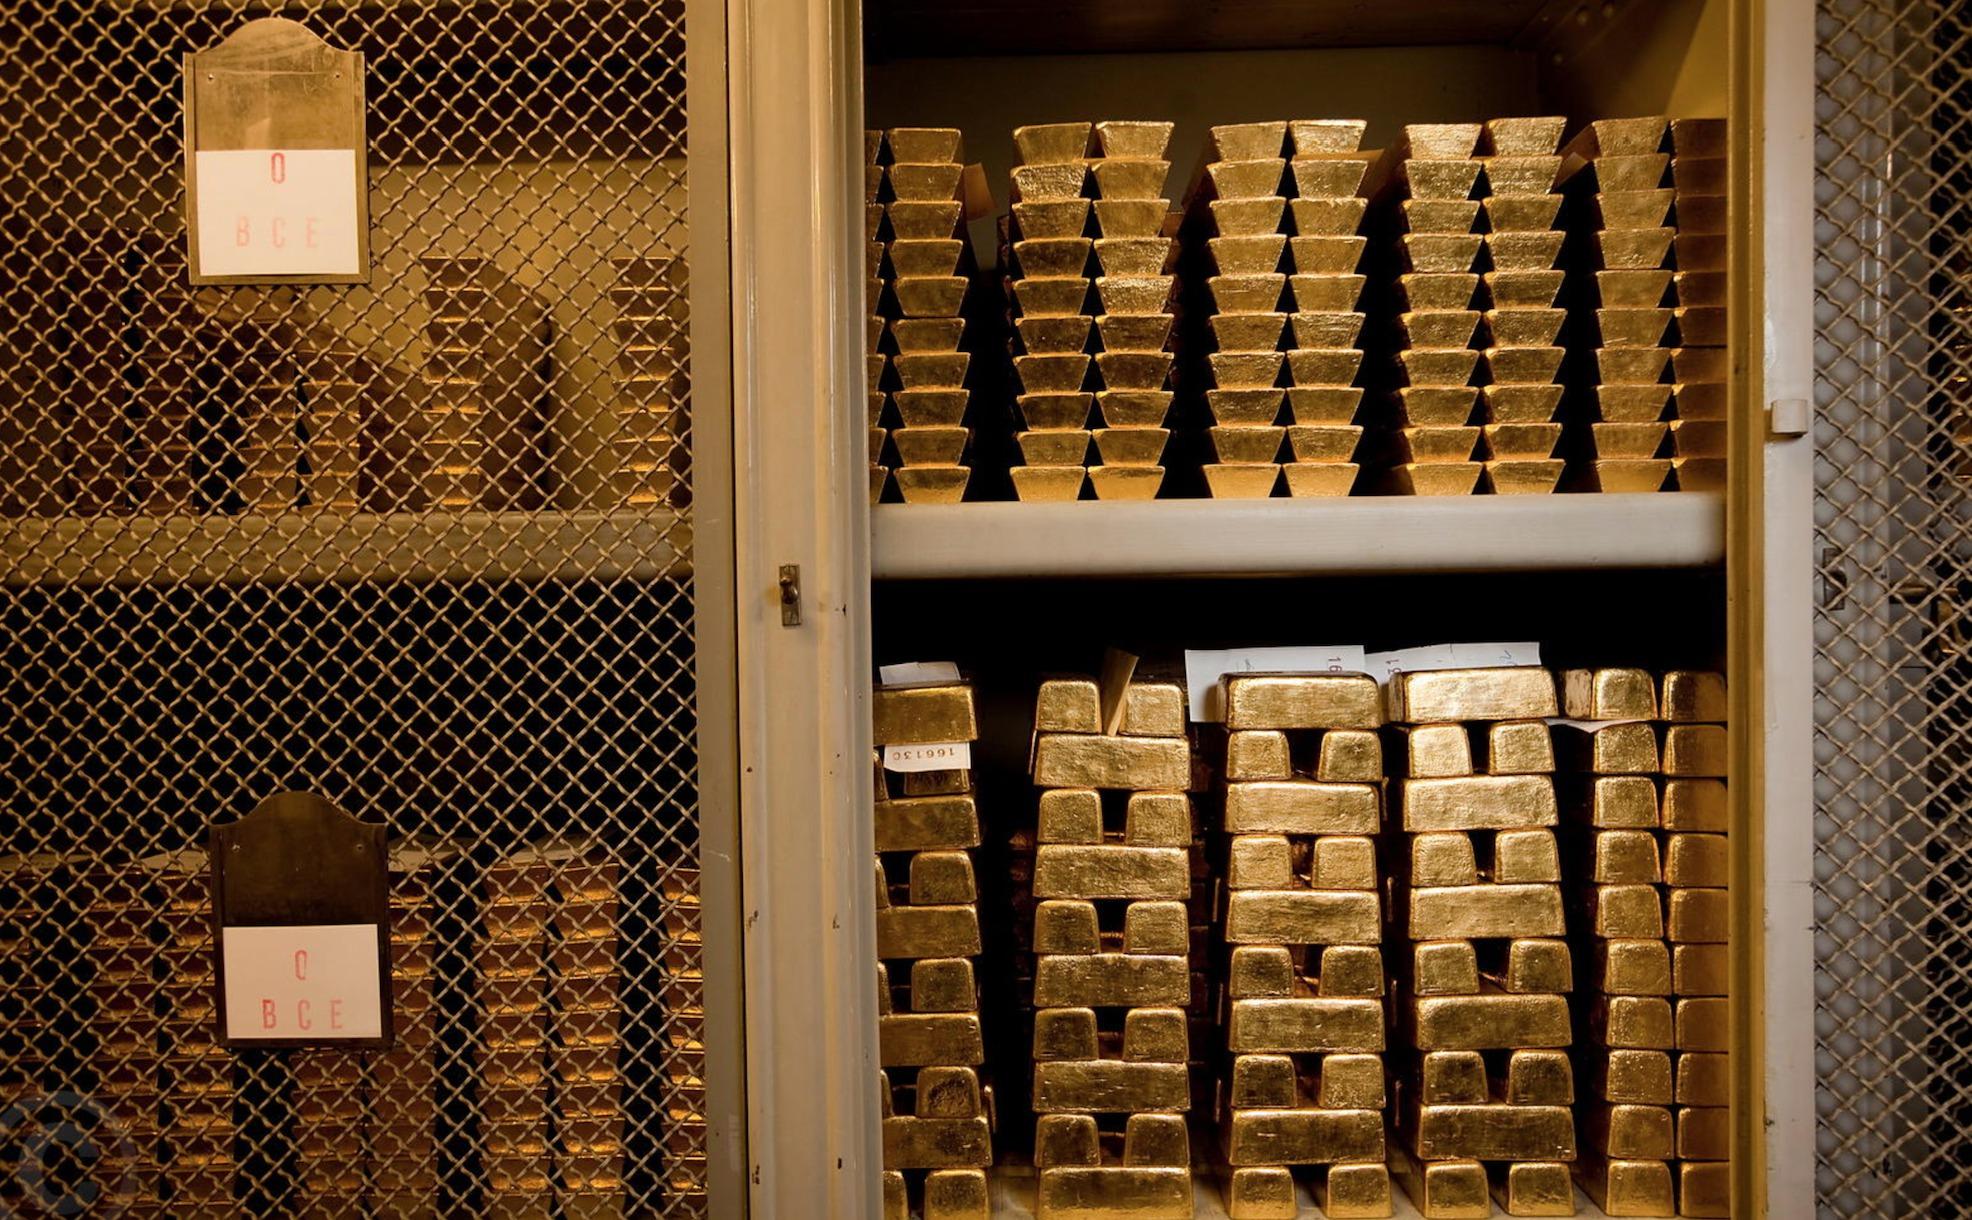 بقيمة 15 مليار دولار خلال عام....الإمارات البوابة الرئيسية لتهريب الذهب من إفريقيا